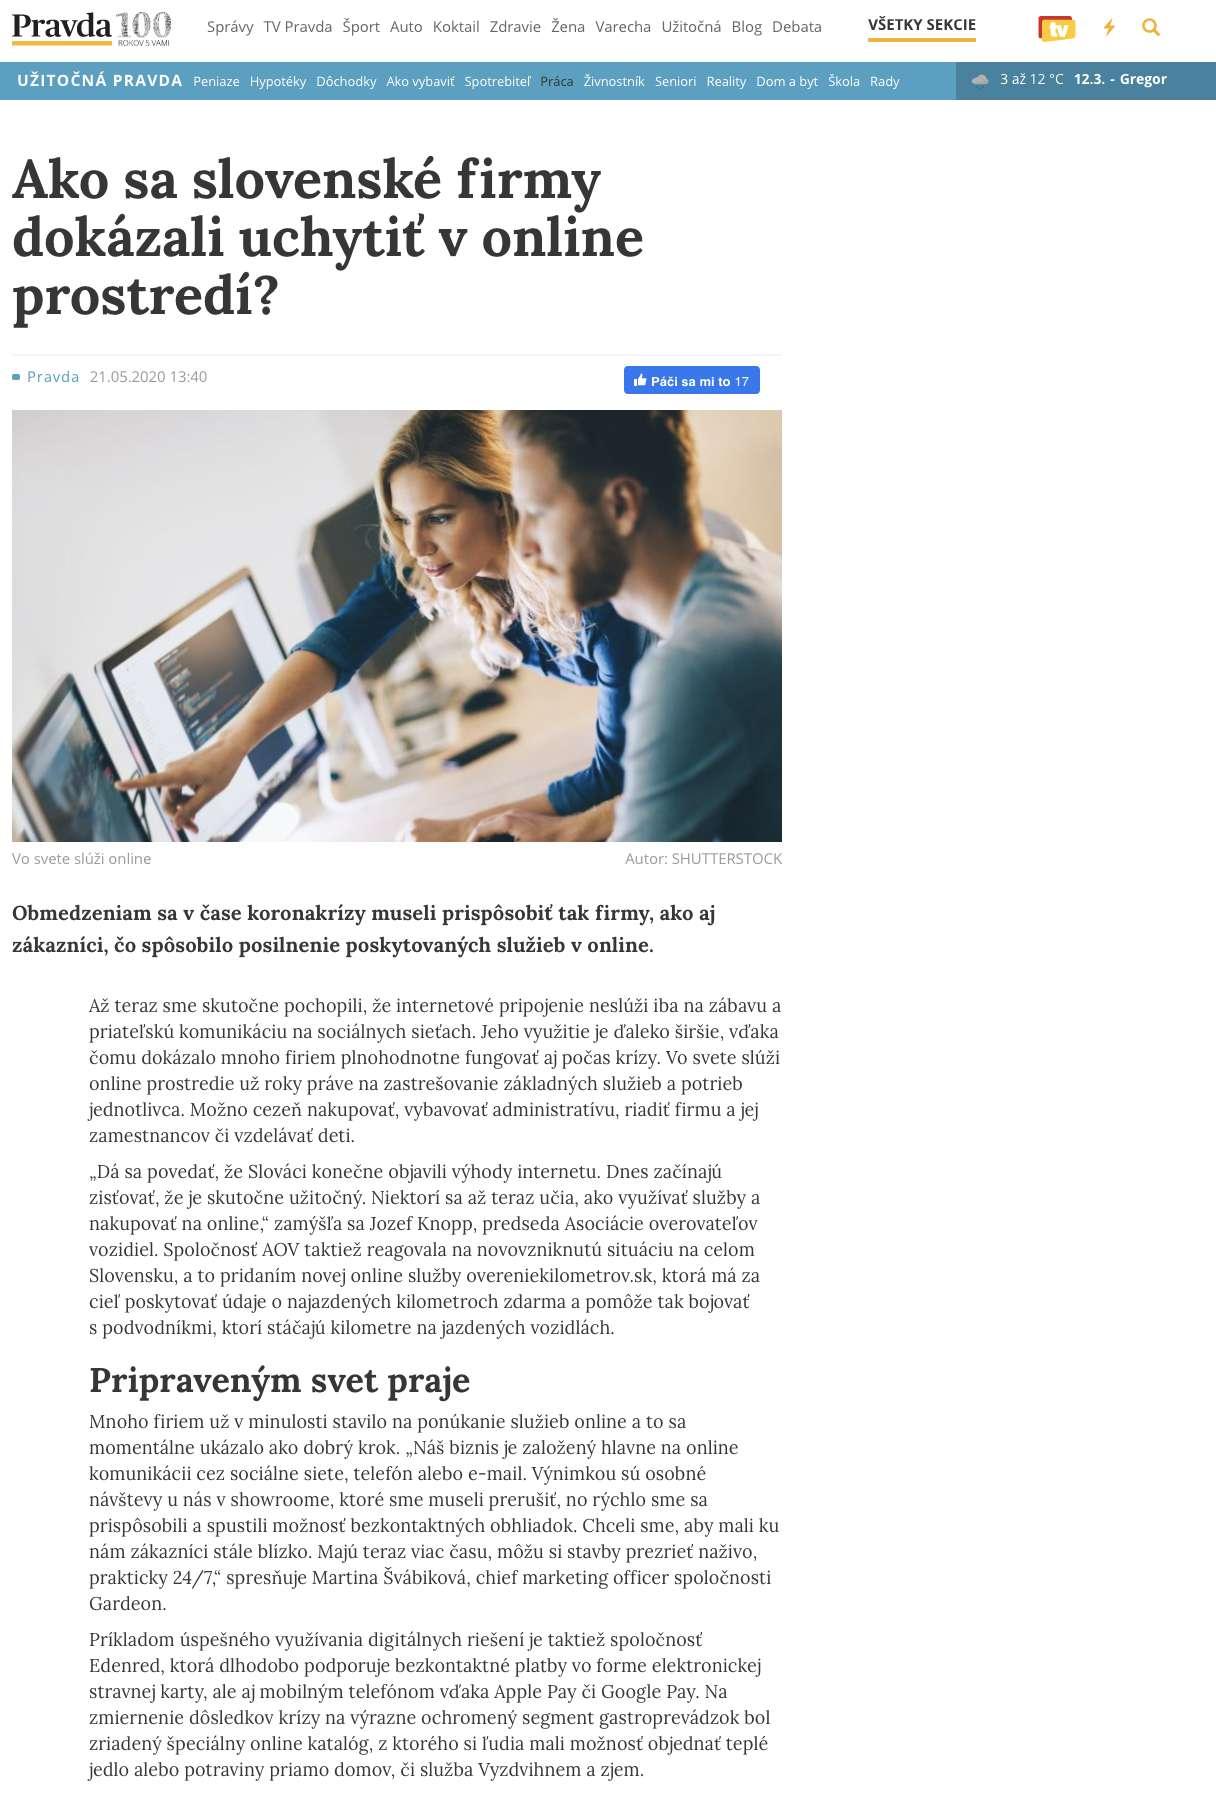 Článok na stránke pravda.sk